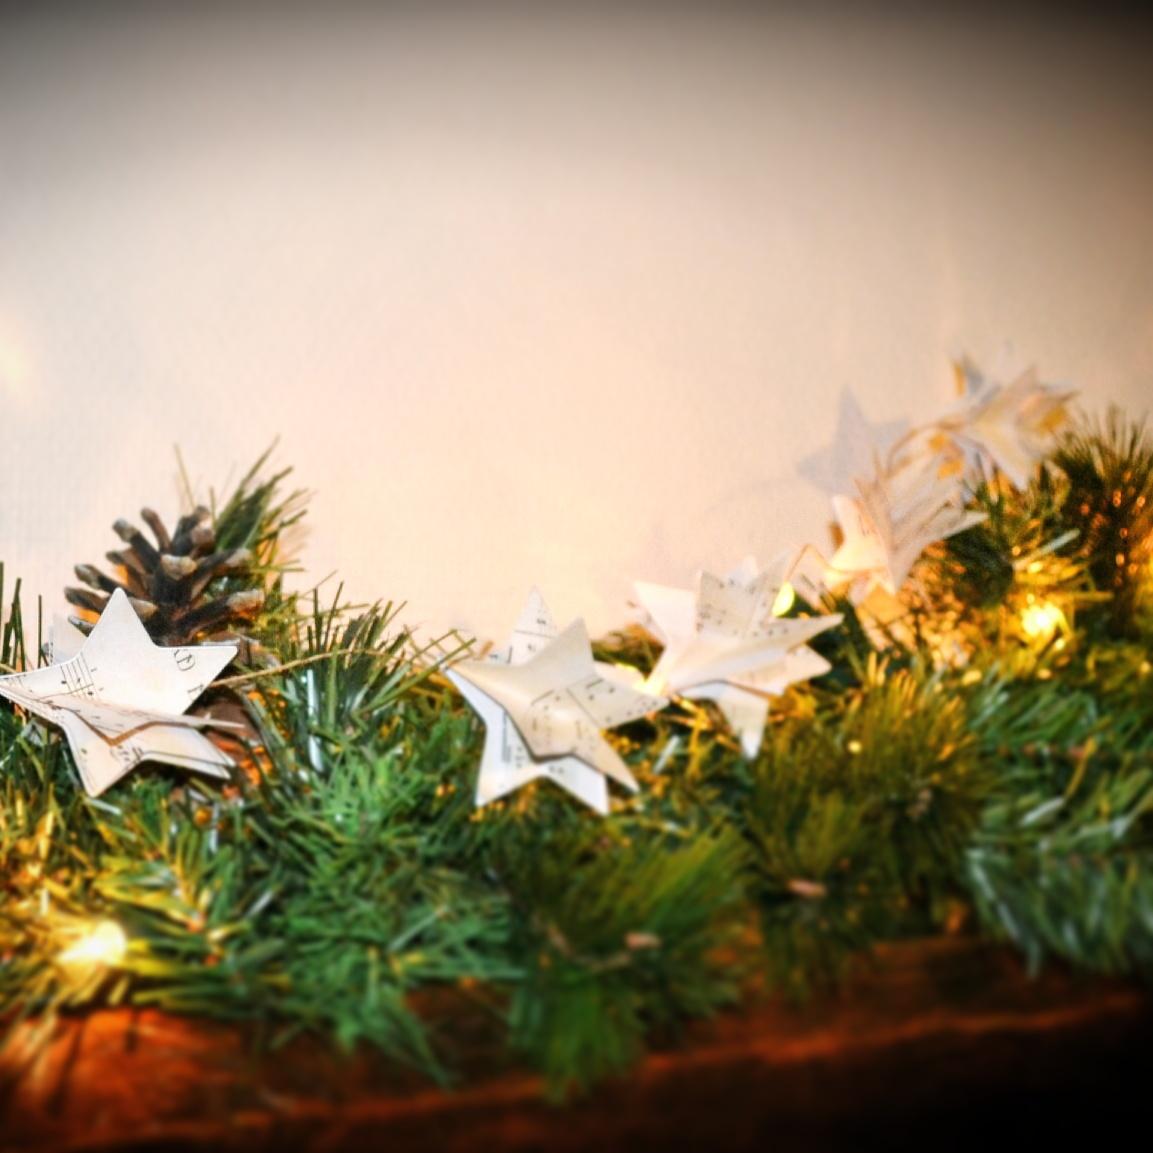 #B88C13 La Décoration De Noël En Papier Danslamaisondelo 6189 Decoration De Table De Noel Facile A Realiser 1153x1153 px @ aertt.com